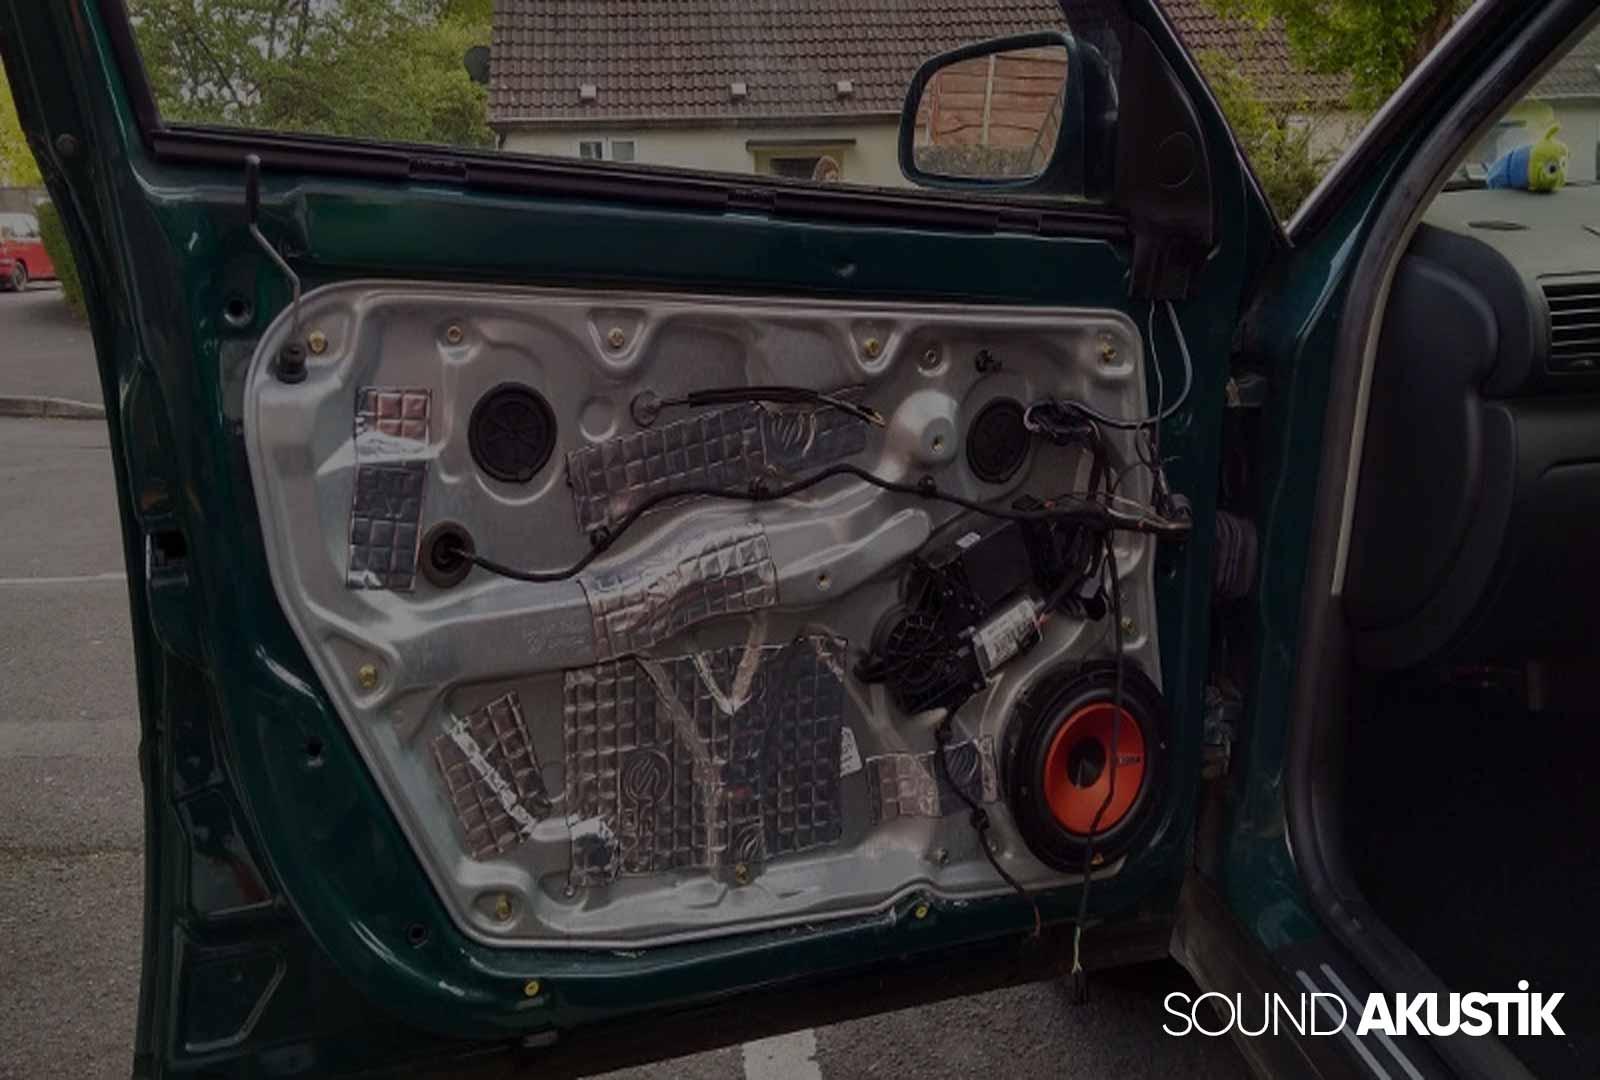 araç içi ses yalıtımı